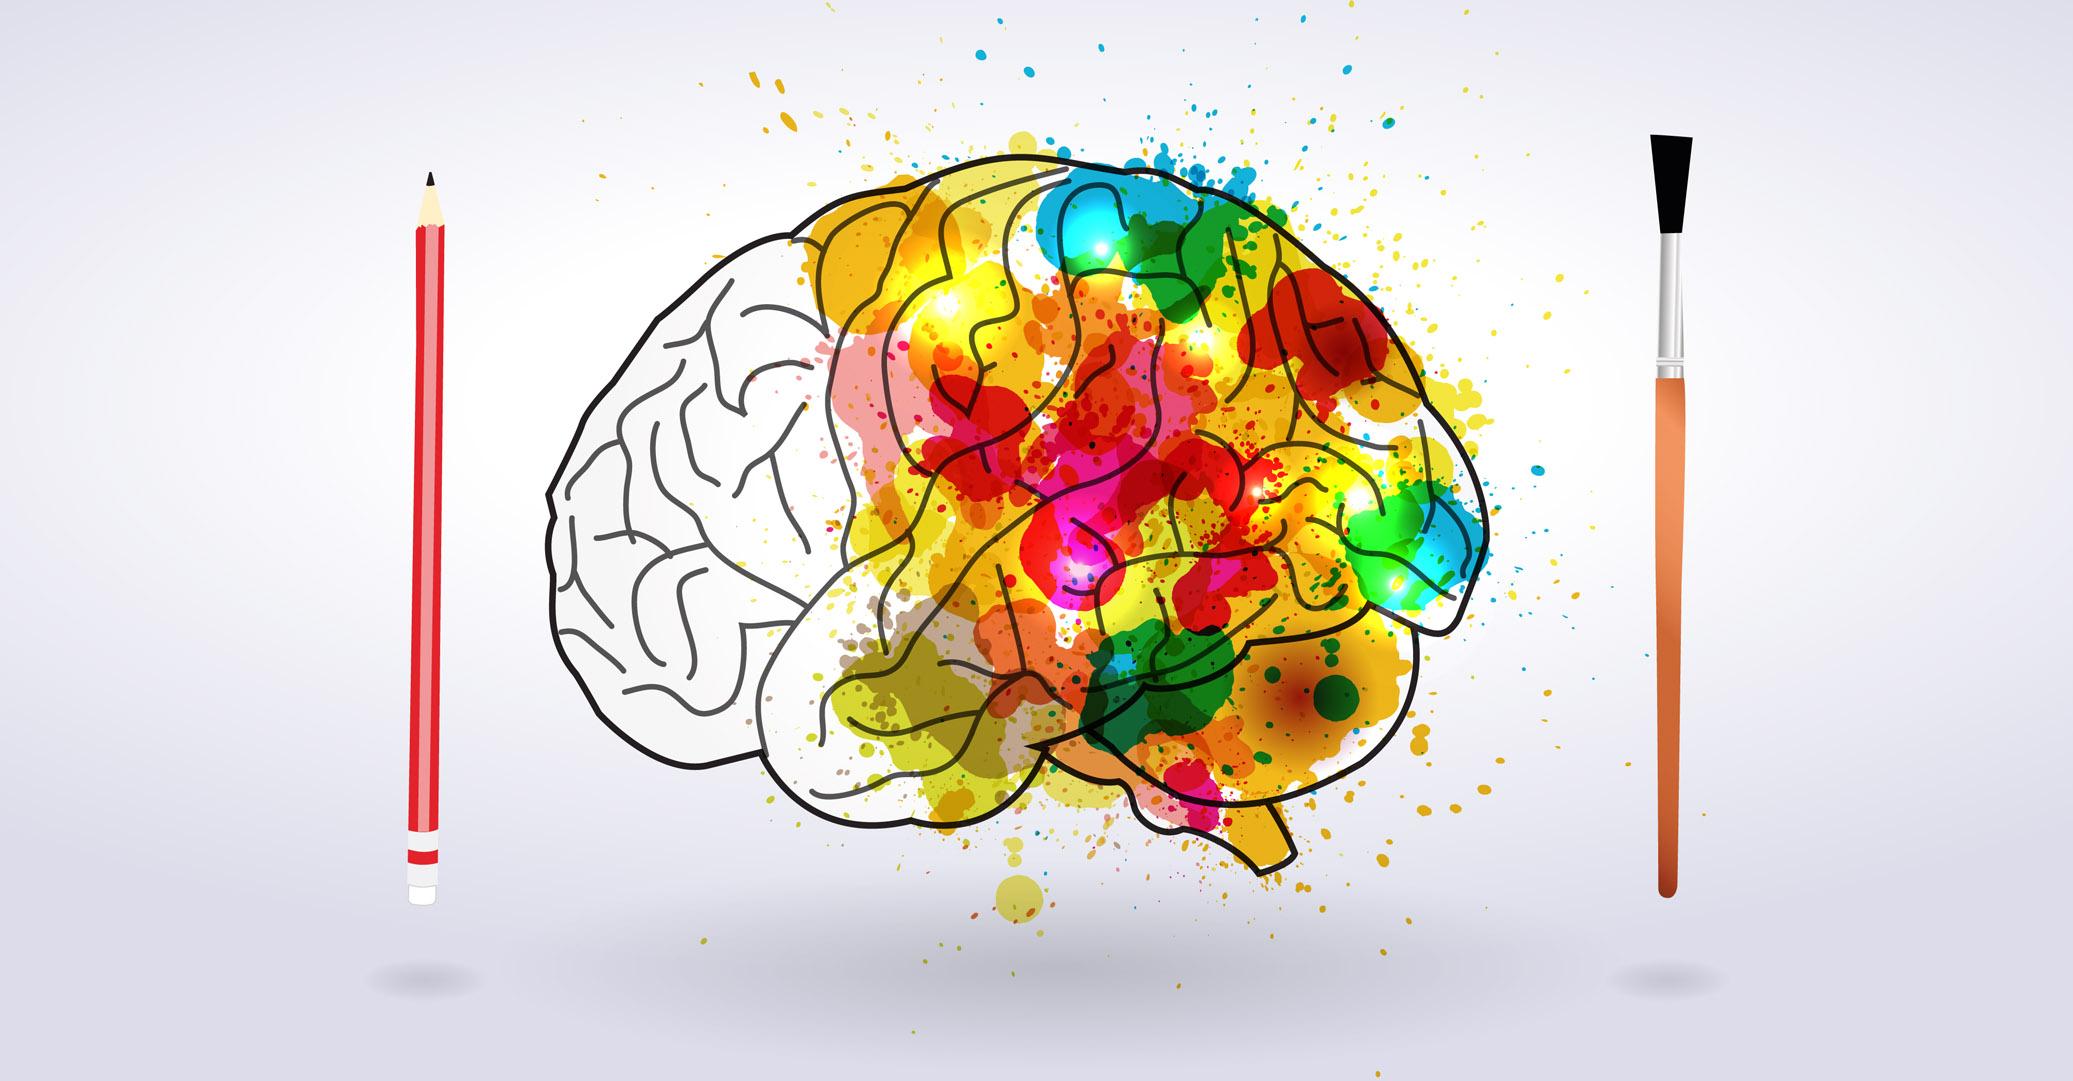 Superare dolore e paura con la creatività